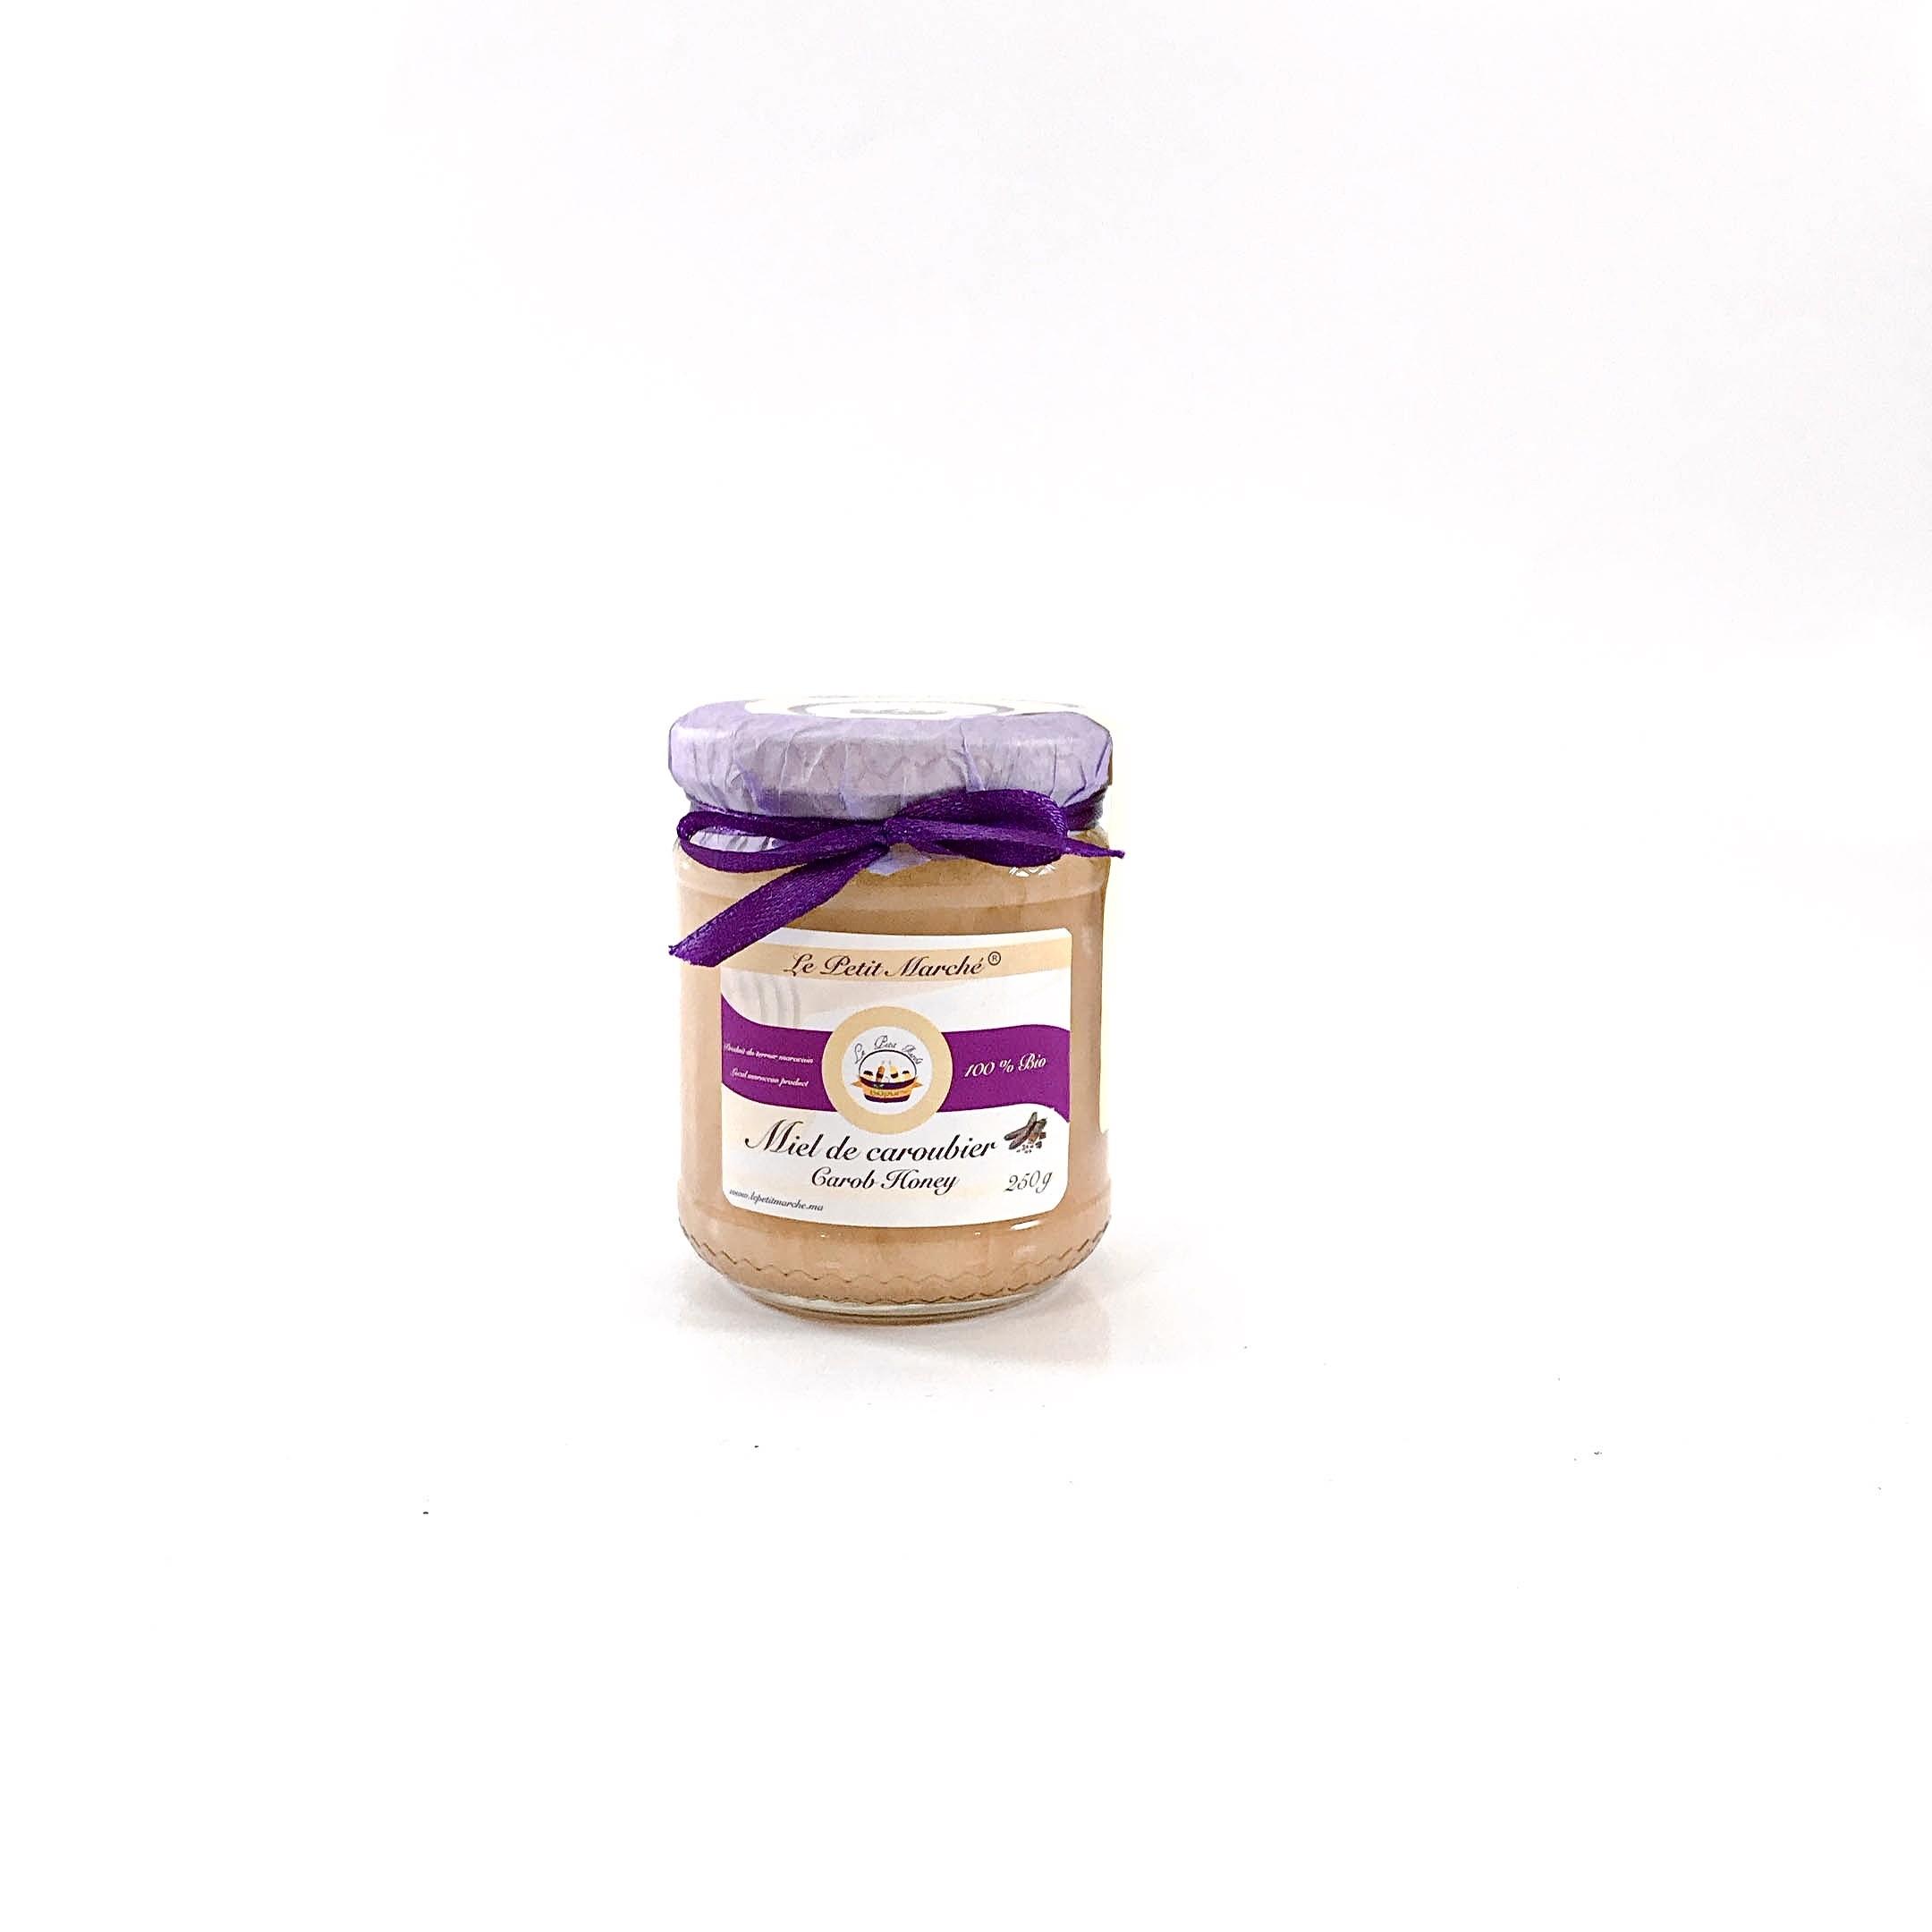 Miel de caroubier 250g